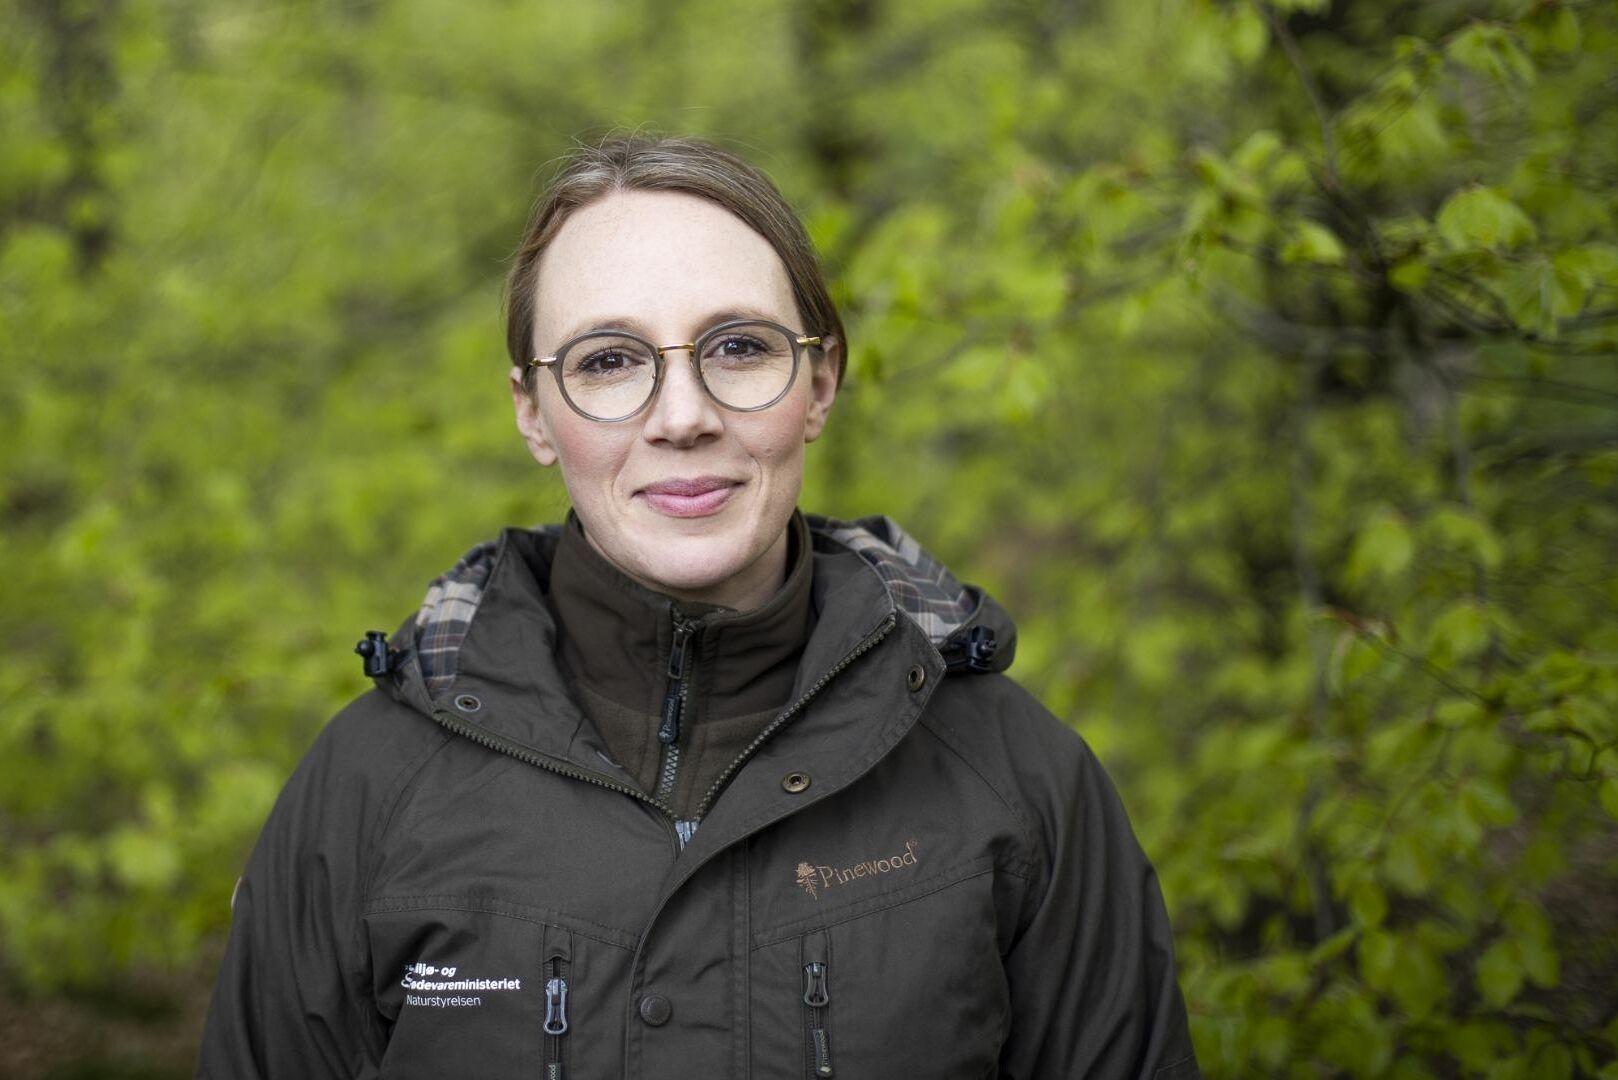 Danmarks miljöminister, Lea Wermelin, vill att landet ska förvildas och utlyser därför en kommunkamp.